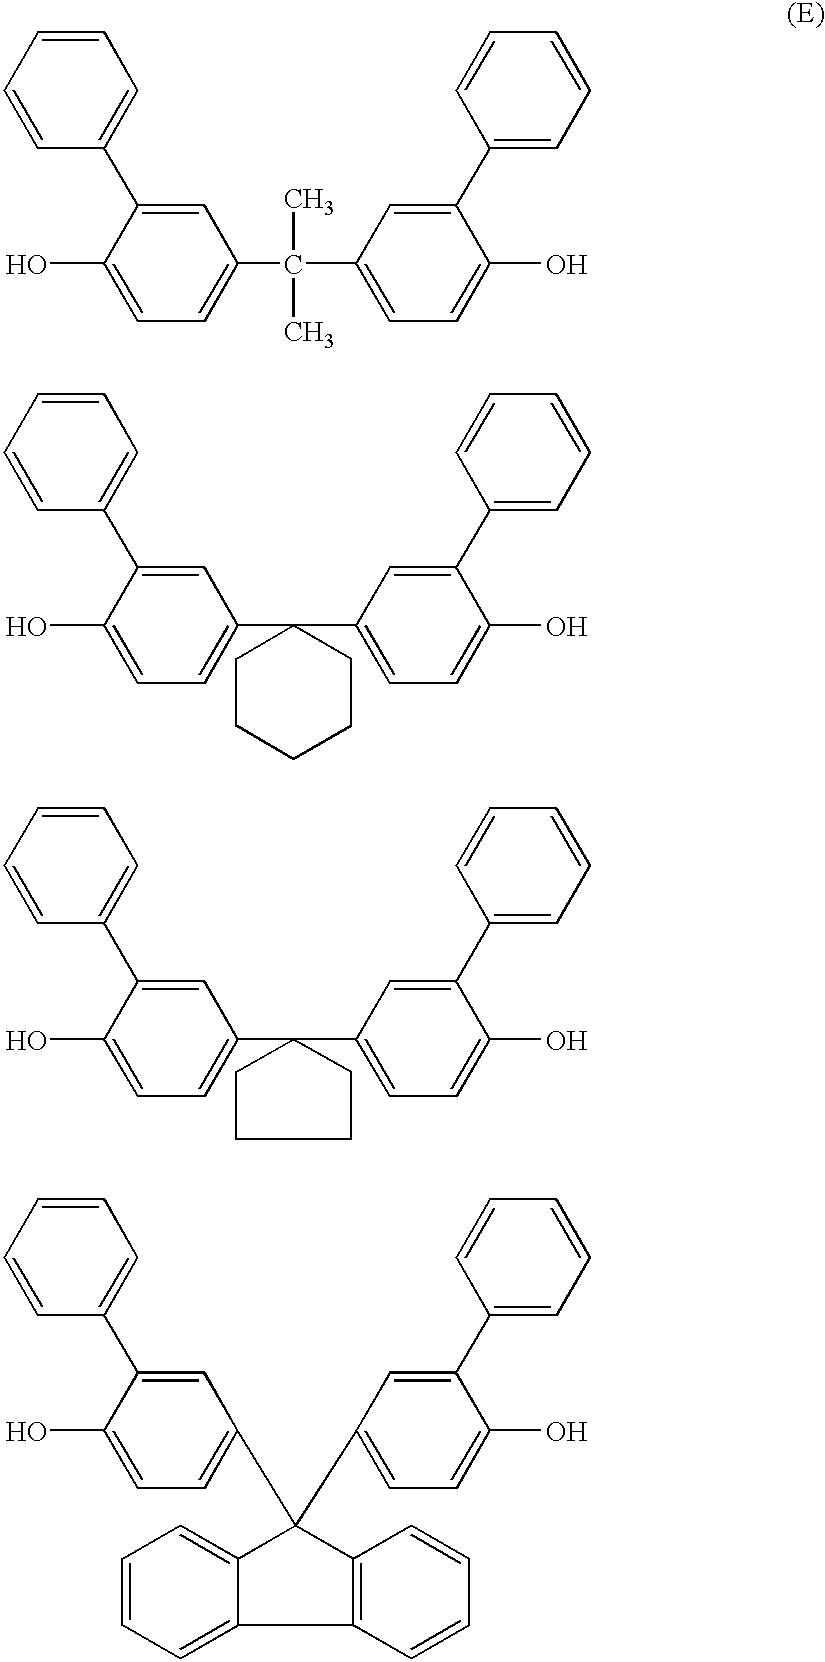 Figure US20030060591A1-20030327-C00007